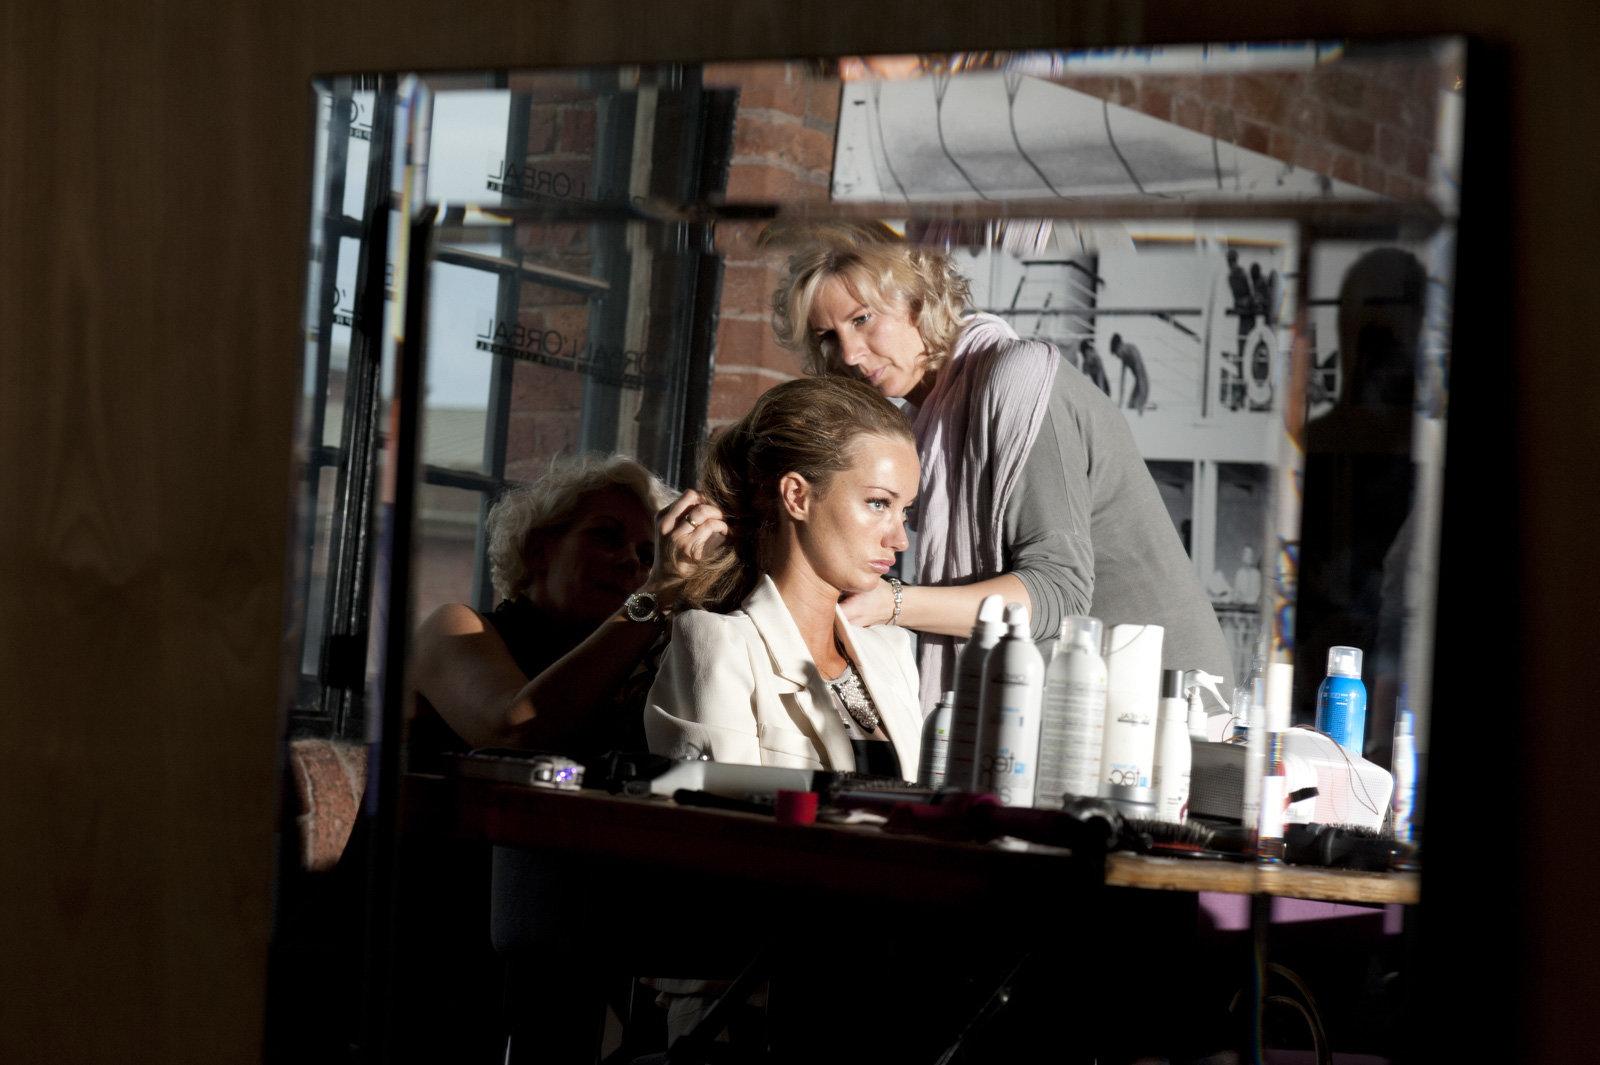 LFW mirror makeup